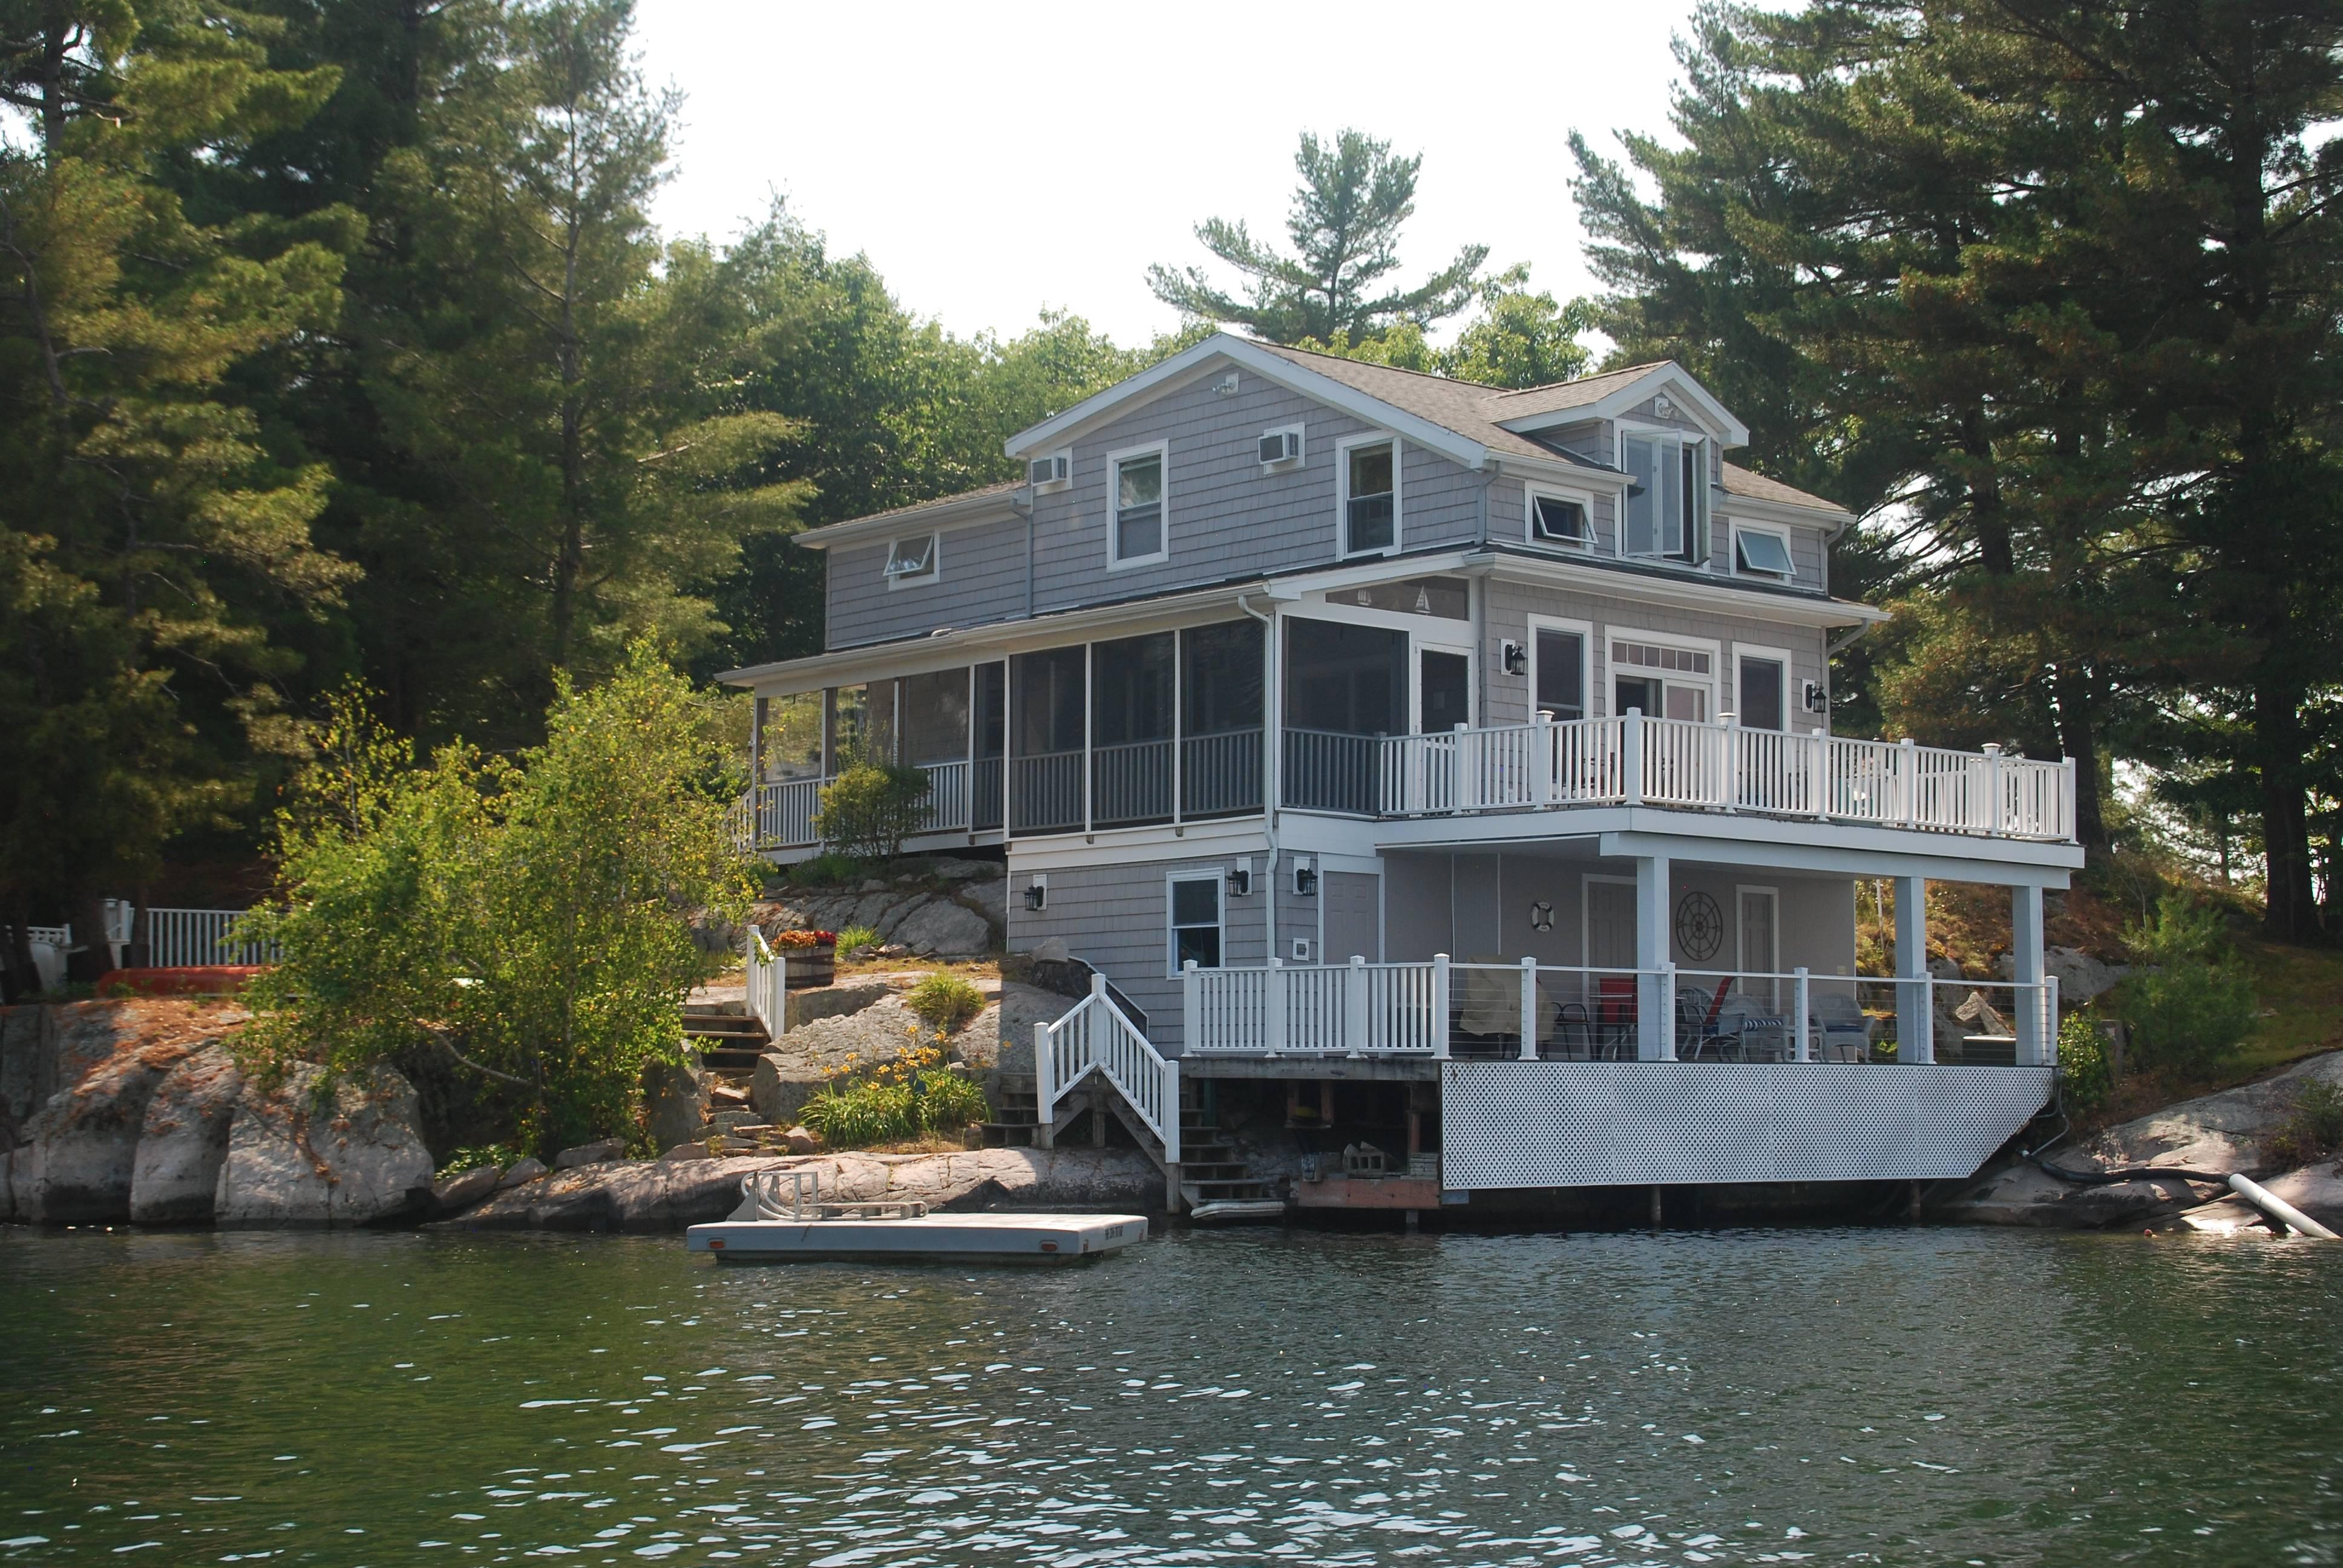 Pine Cove Cottage with swim area platform